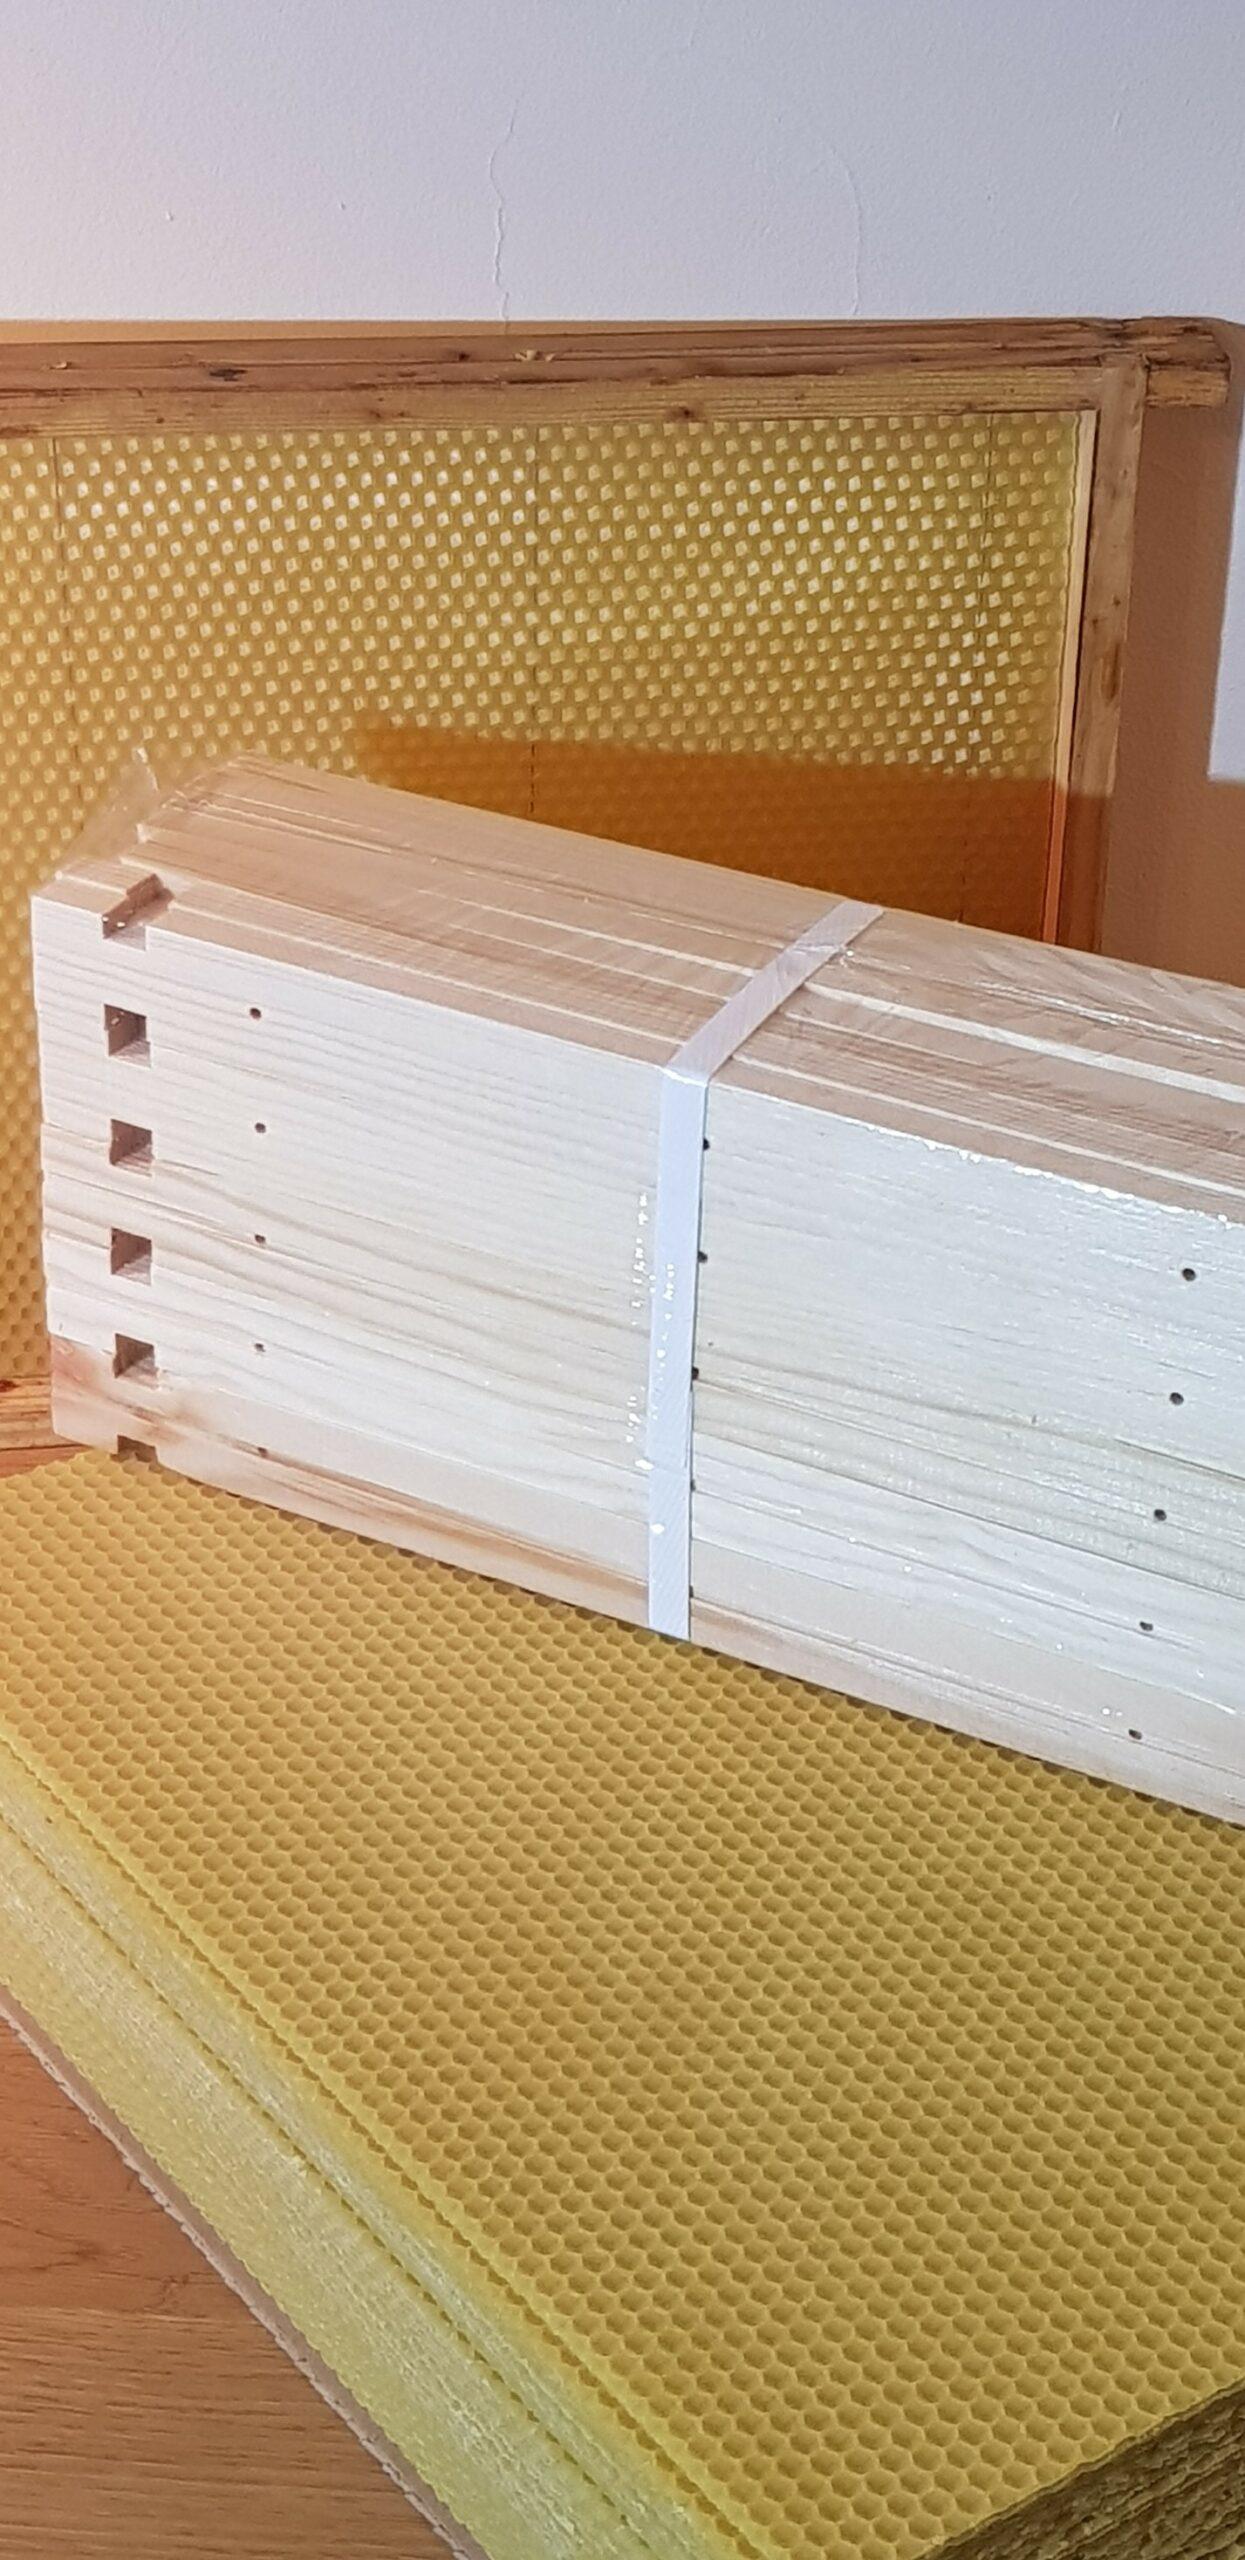 Węza to używany w pasiece szablon (plaster) z wosku pszczelego